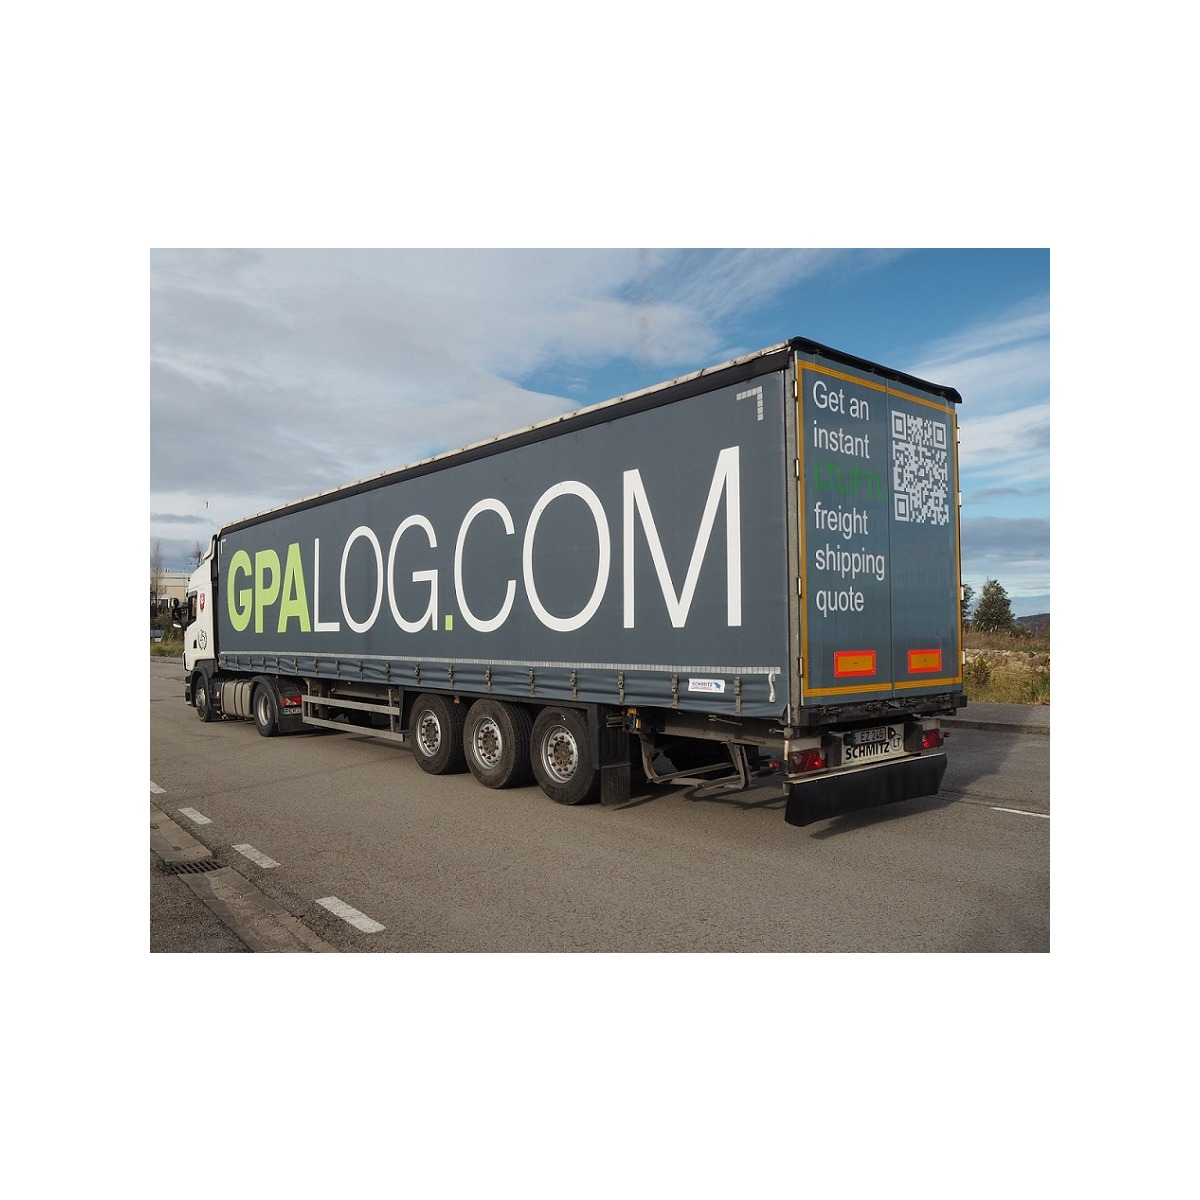 Full loads (FTL)